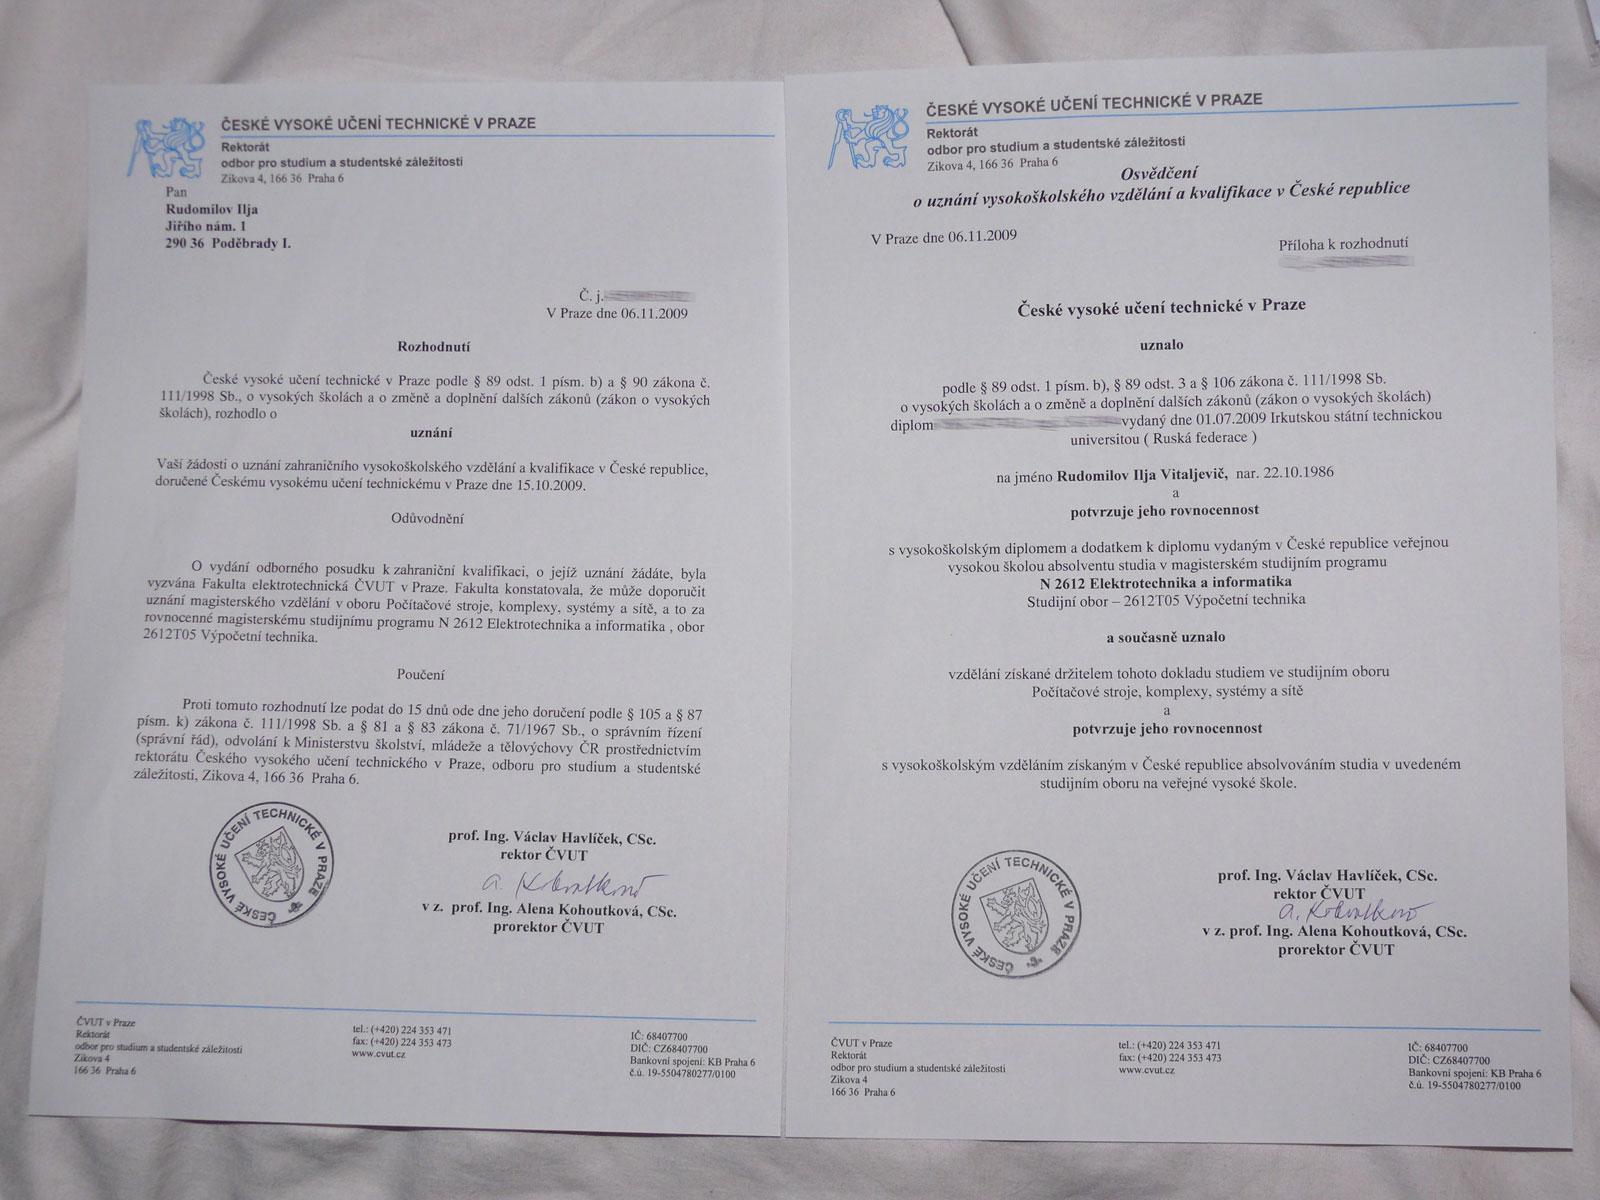 Получена нострификация диплома в Чехии Подебрады ру Первый документ является официальным ответом cvut на мое заявление и отправленный пакет документов заверенные переводы диплома